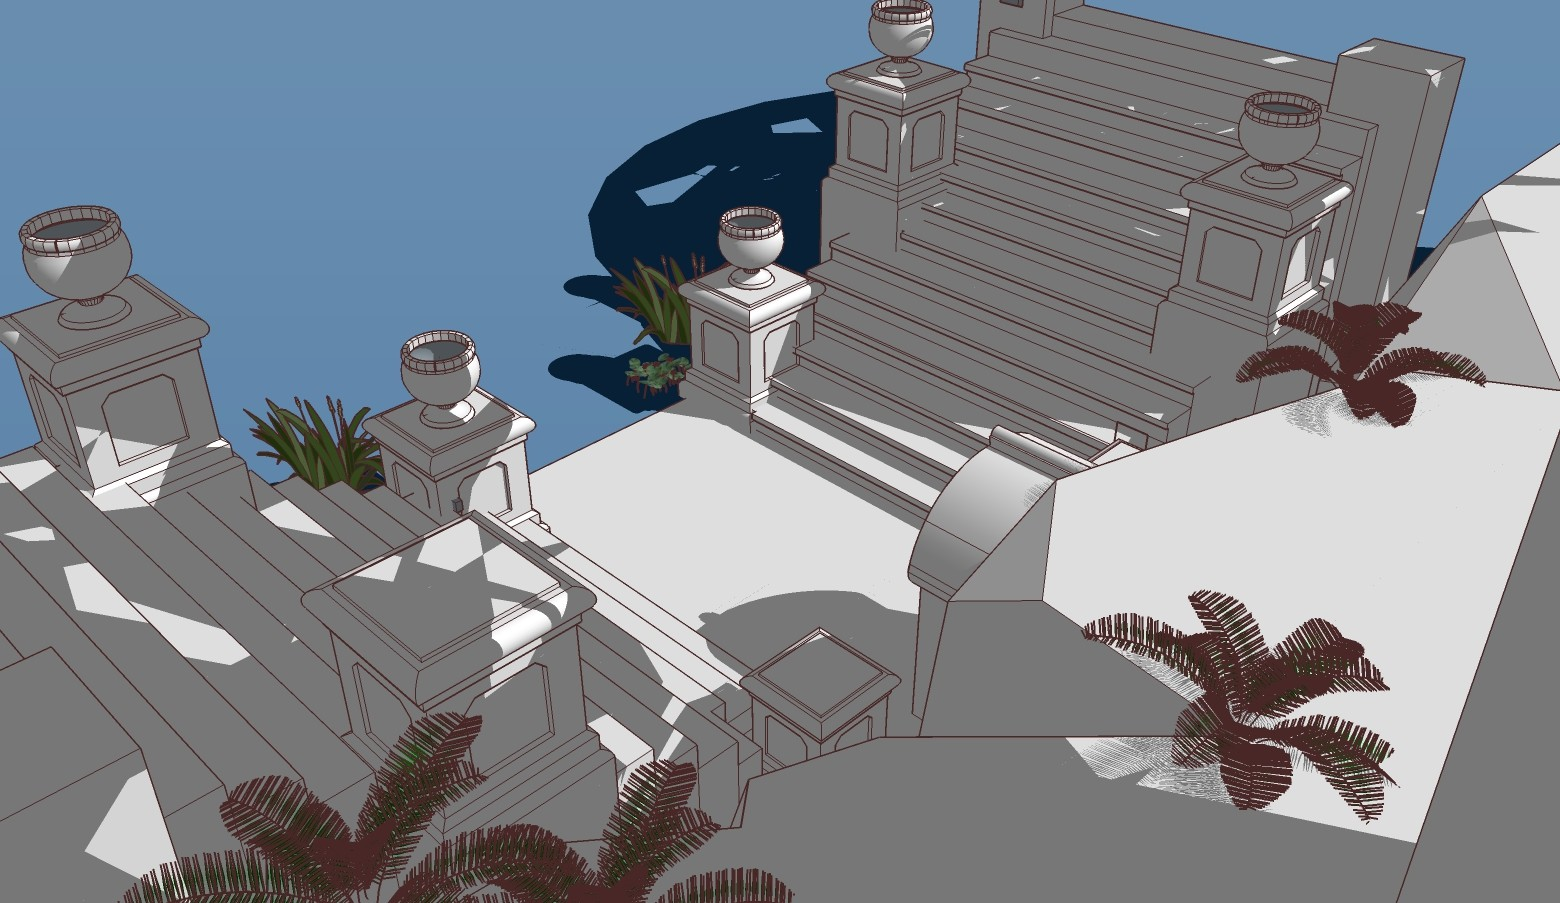 Samma van klaarbergen stepsmodel3